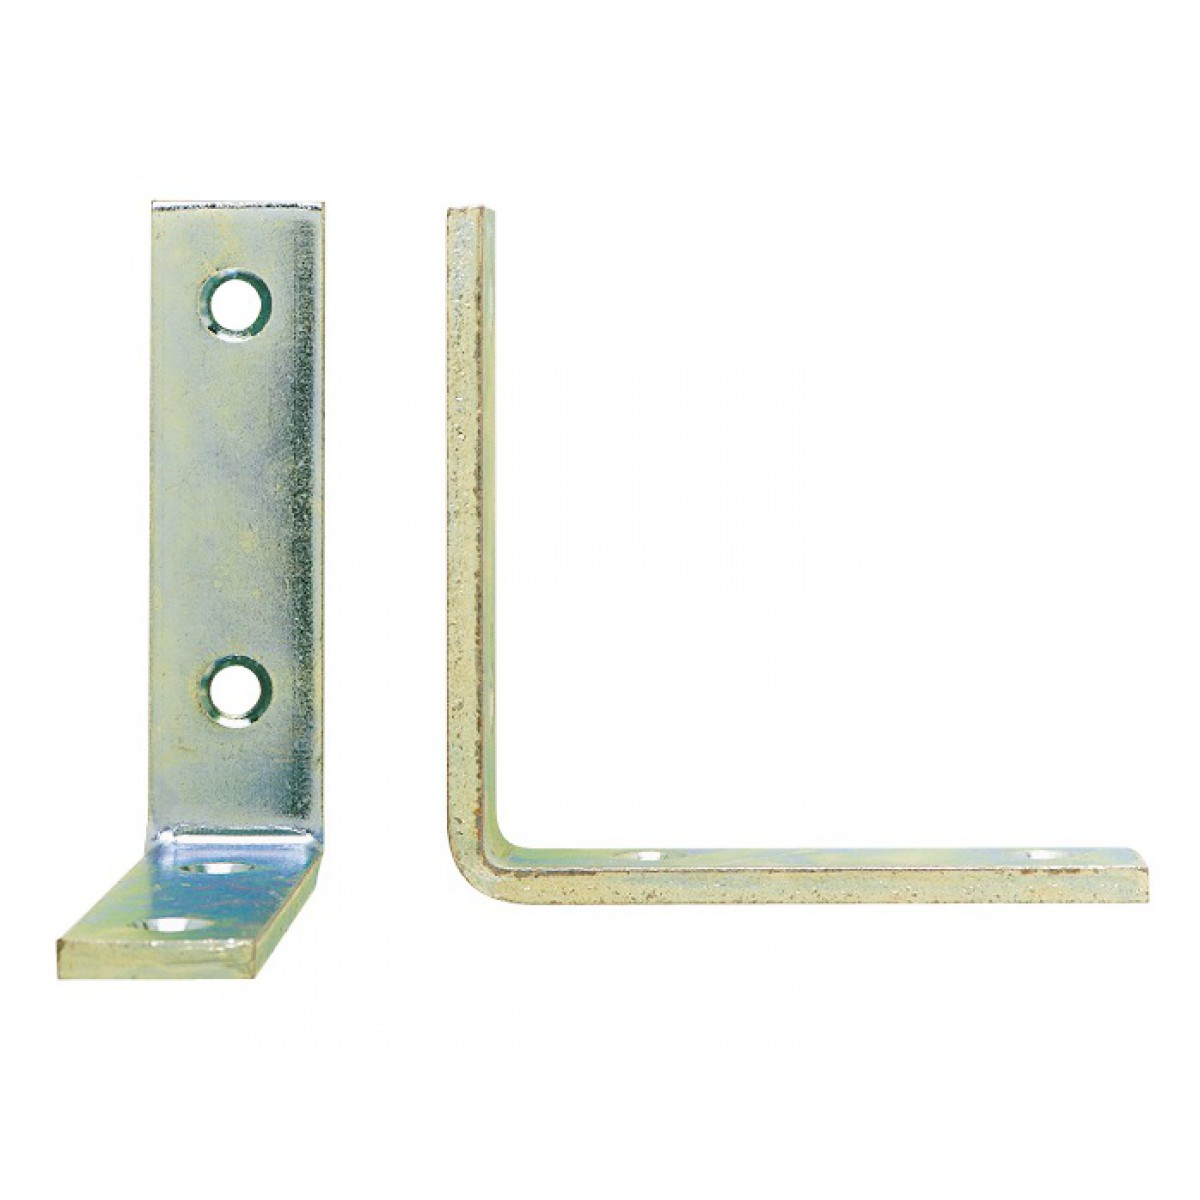 Equerre de renfort bouts carrés Jardinier Massard - Longueur Patte 190 mm - Largeur 20 mm